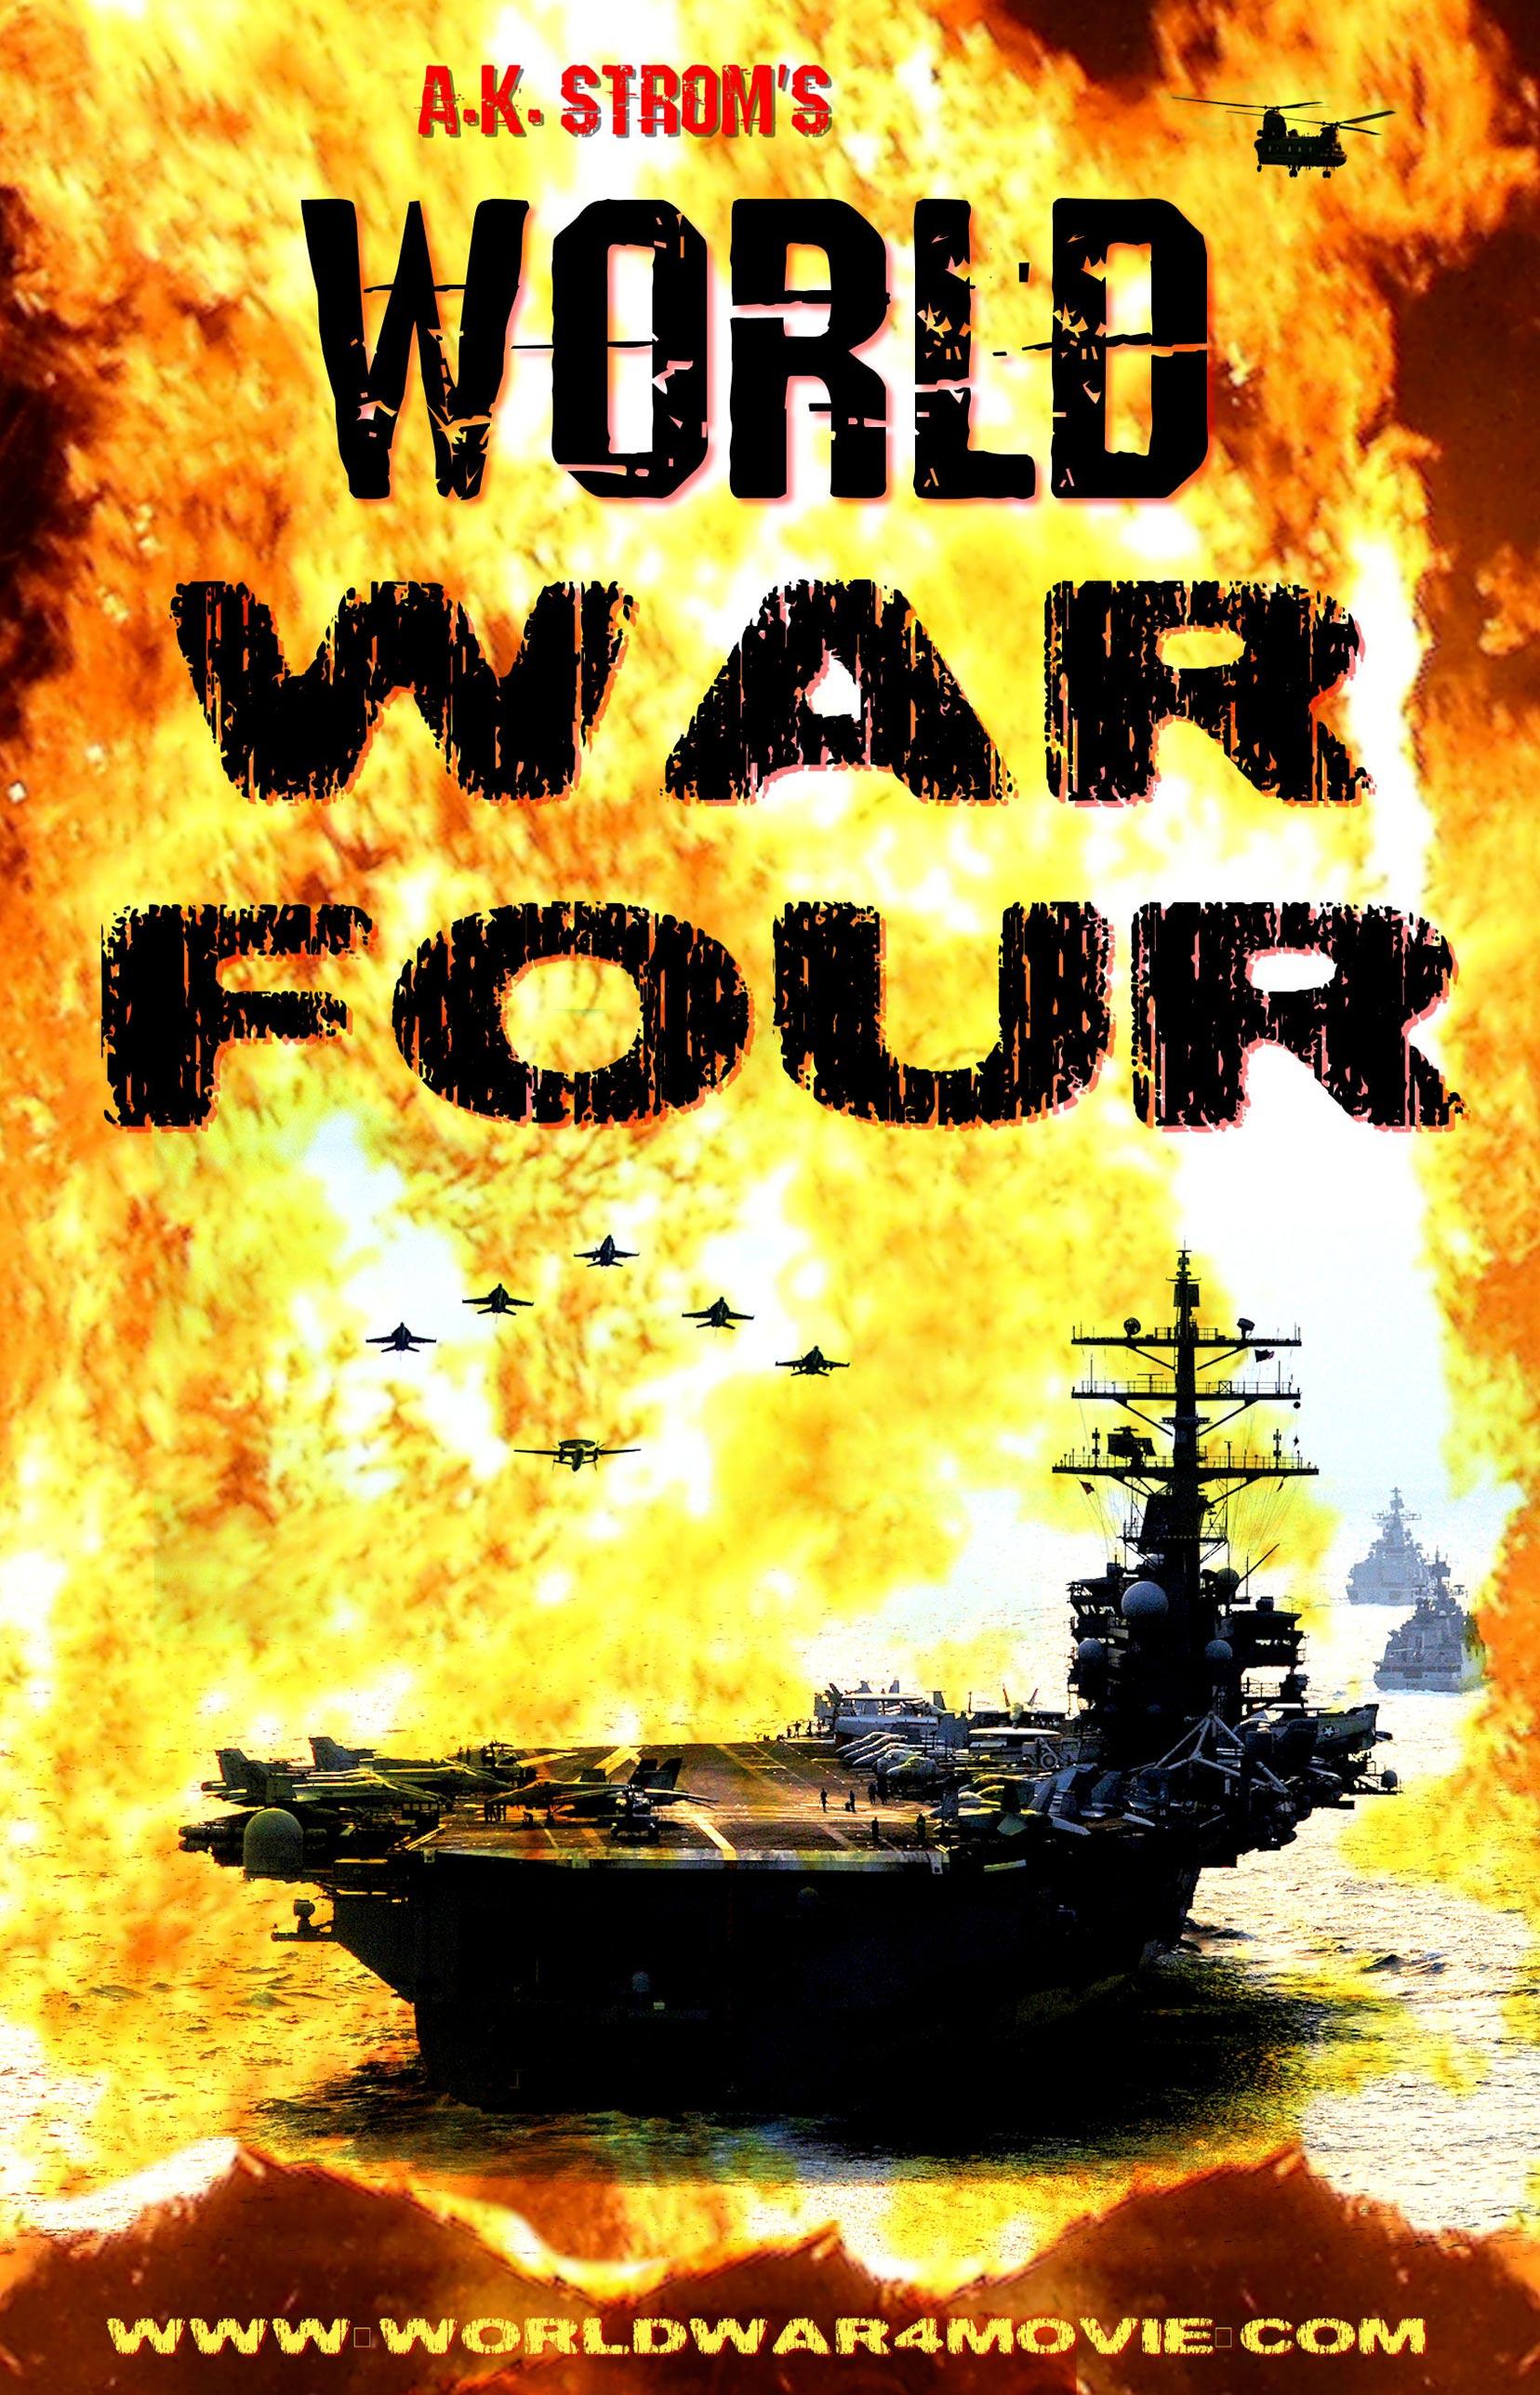 World War Four Poster #1